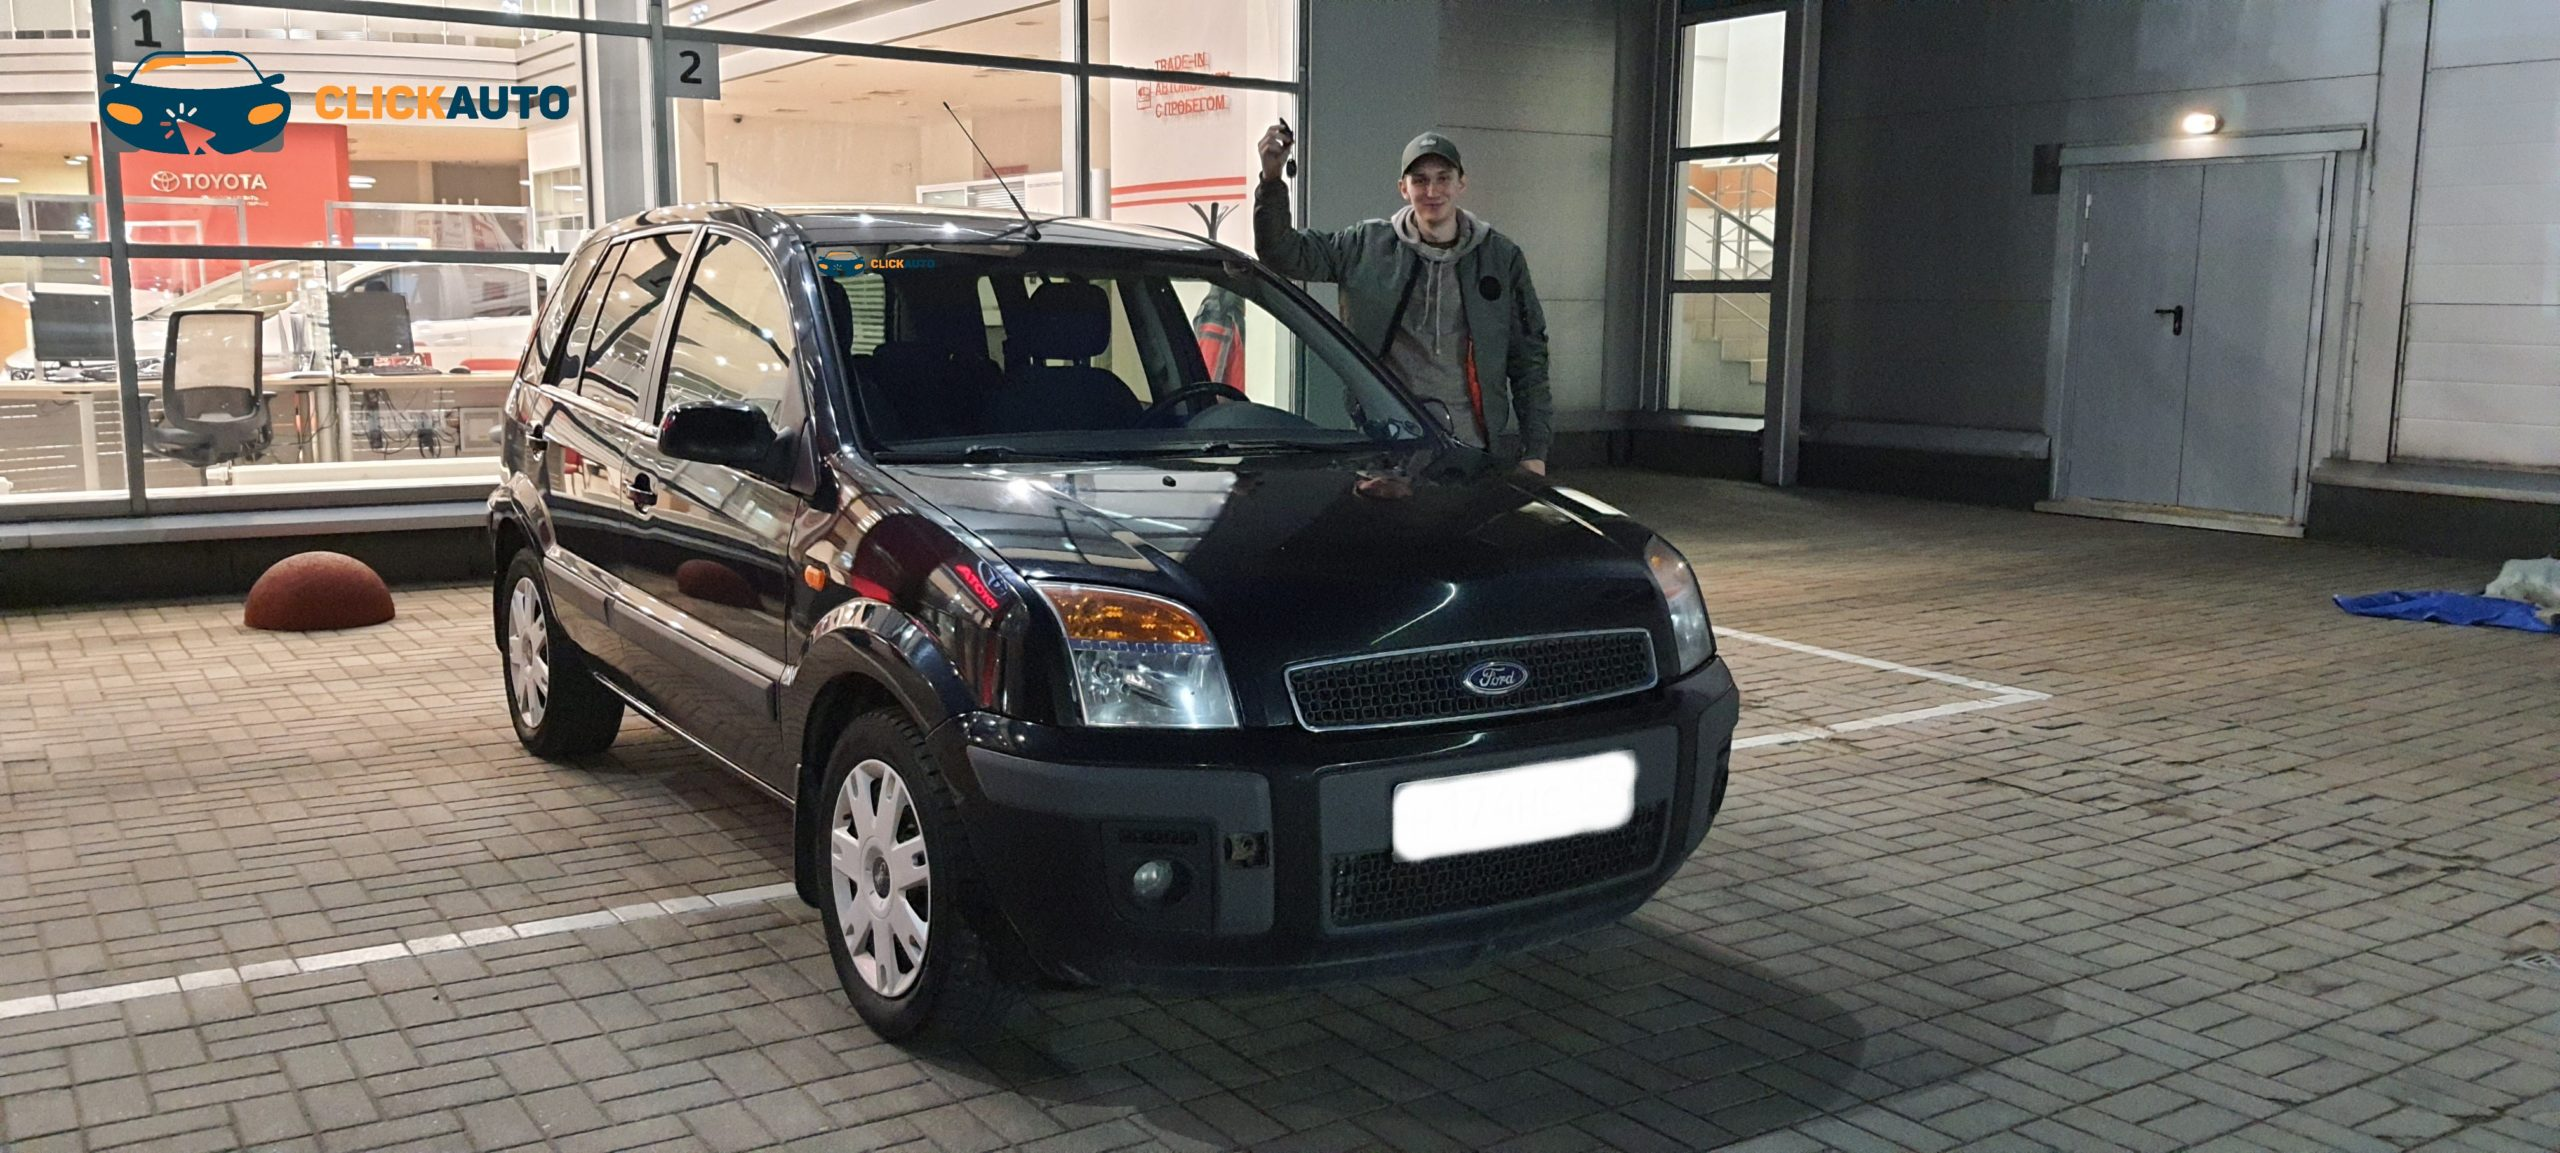 Автоподбор-Ford Fusion на механике